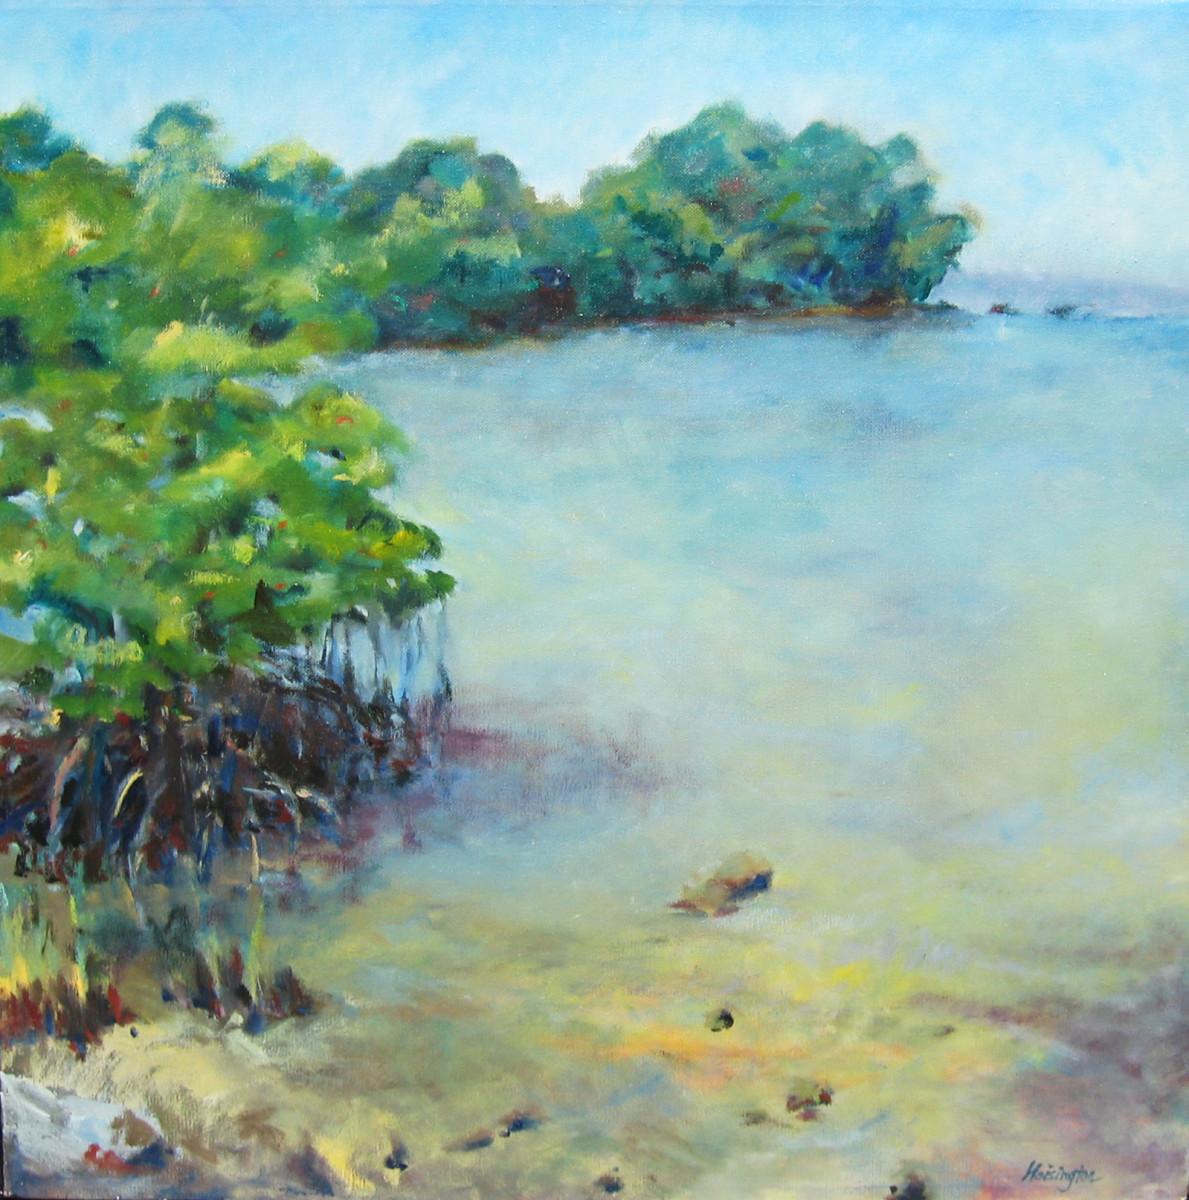 Caloosahatchee River by Kit Hoisington